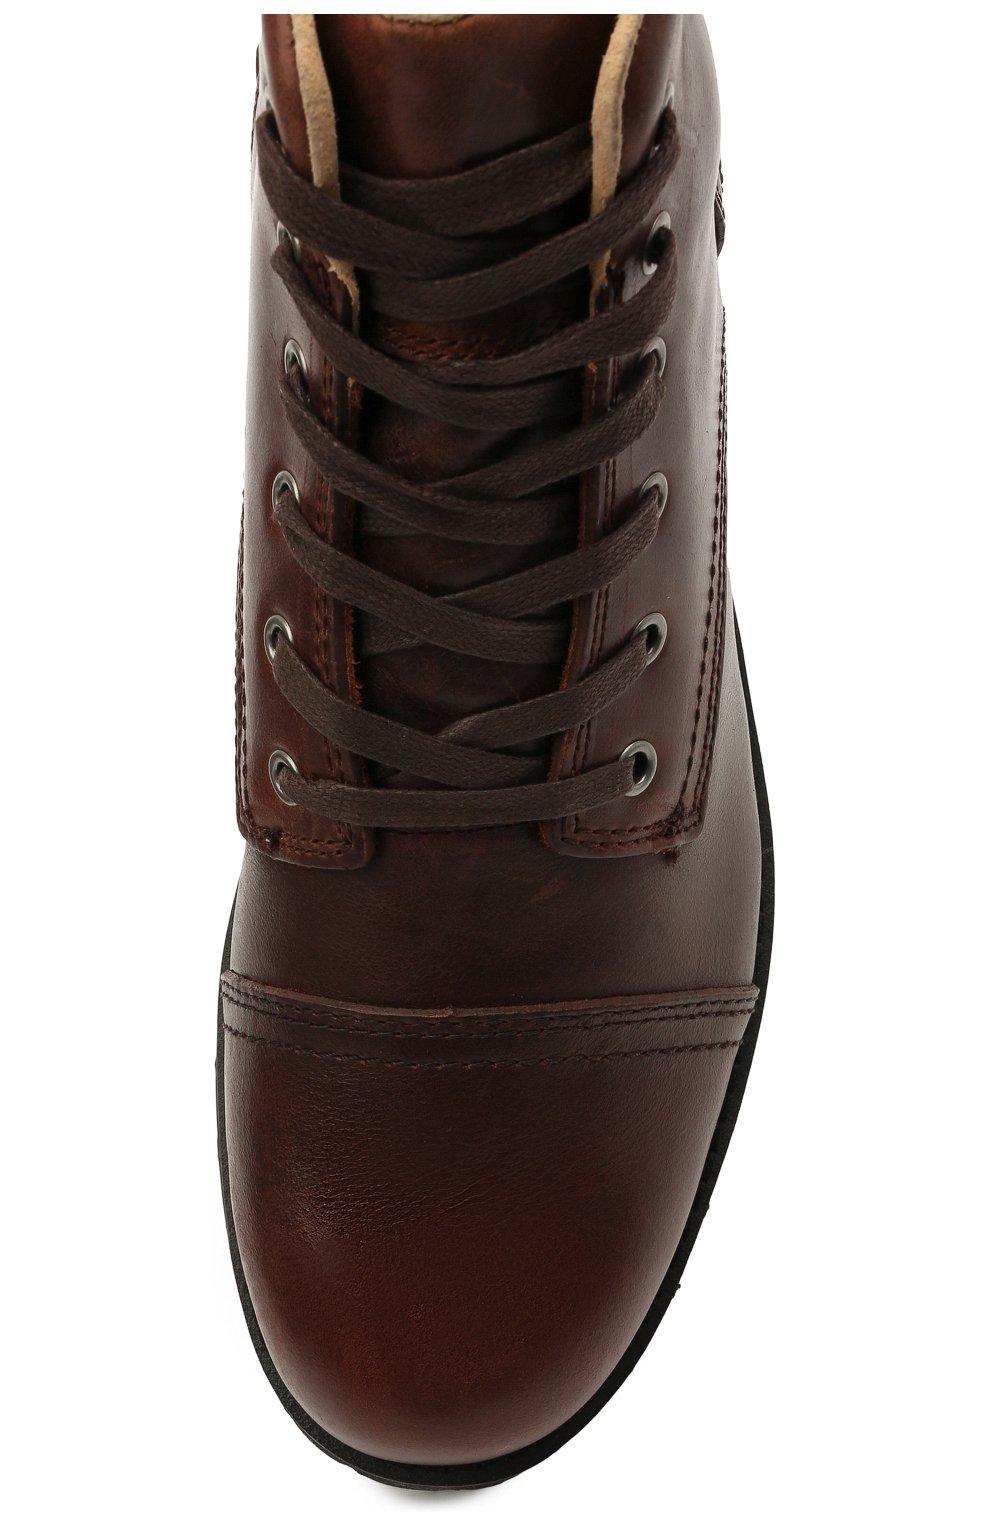 Мужские кожаные ботинки HARLEY-DAVIDSON коричневого цвета, арт. D93714 | Фото 5 (Мужское Кросс-КТ: Ботинки-обувь; Материал внутренний: Натуральная кожа; Подошва: Плоская)